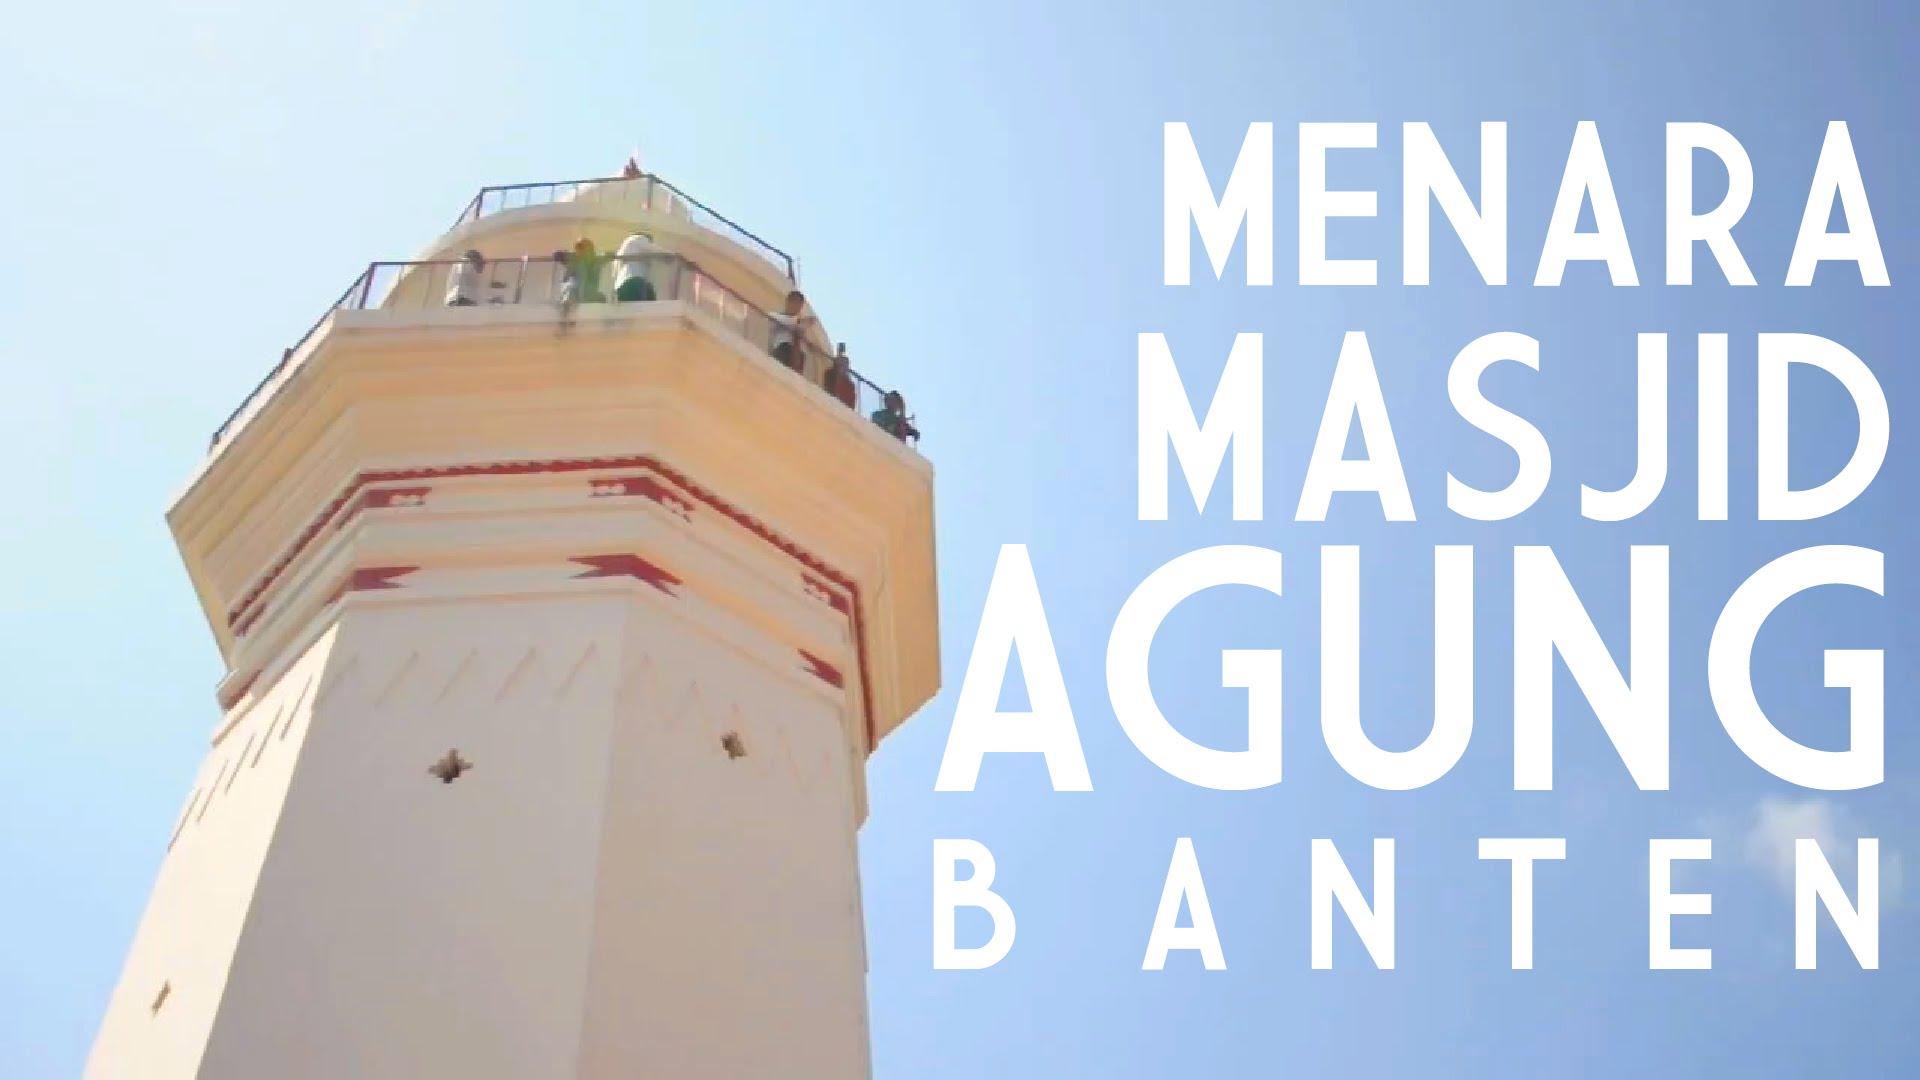 Explorebanten Menara Masjid Agung Banten Youtube Kab Serang